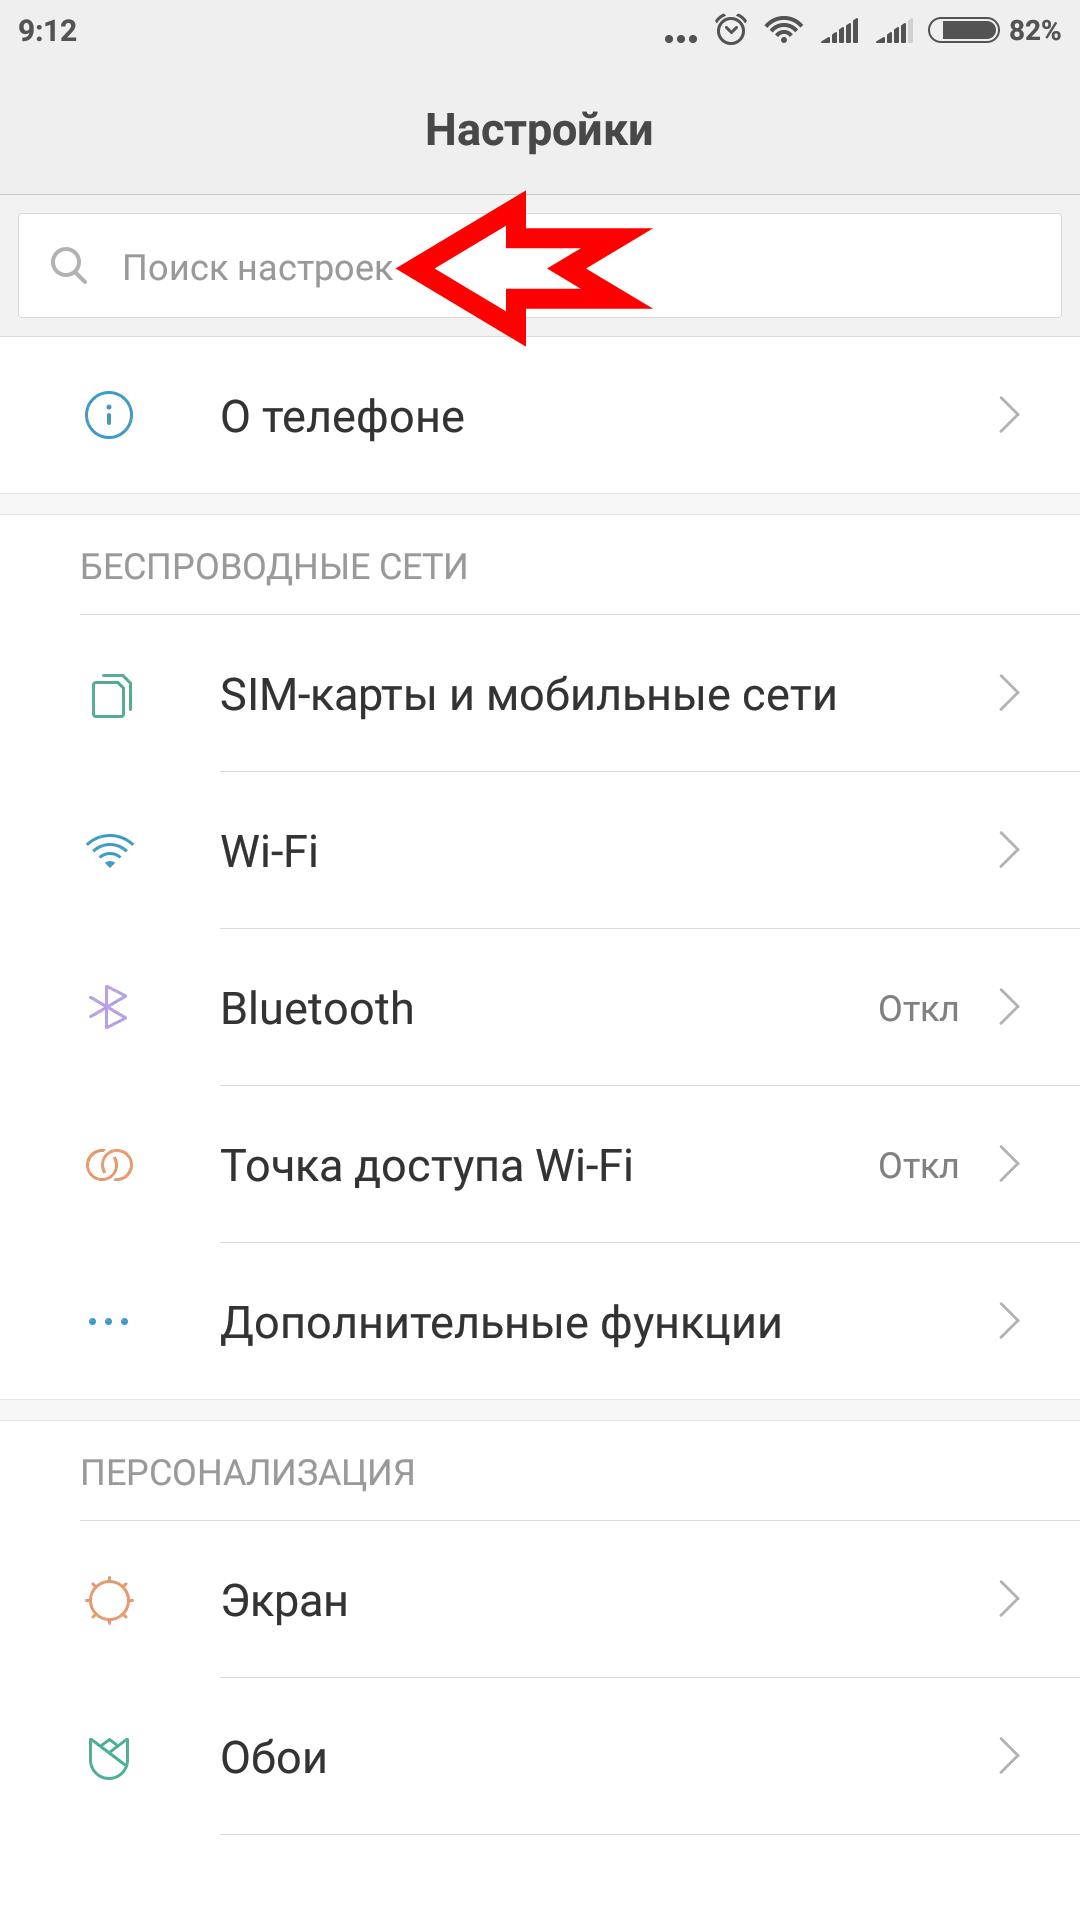 Поиск настроек в смартфоне Xiaomi Redmi 4 Pro